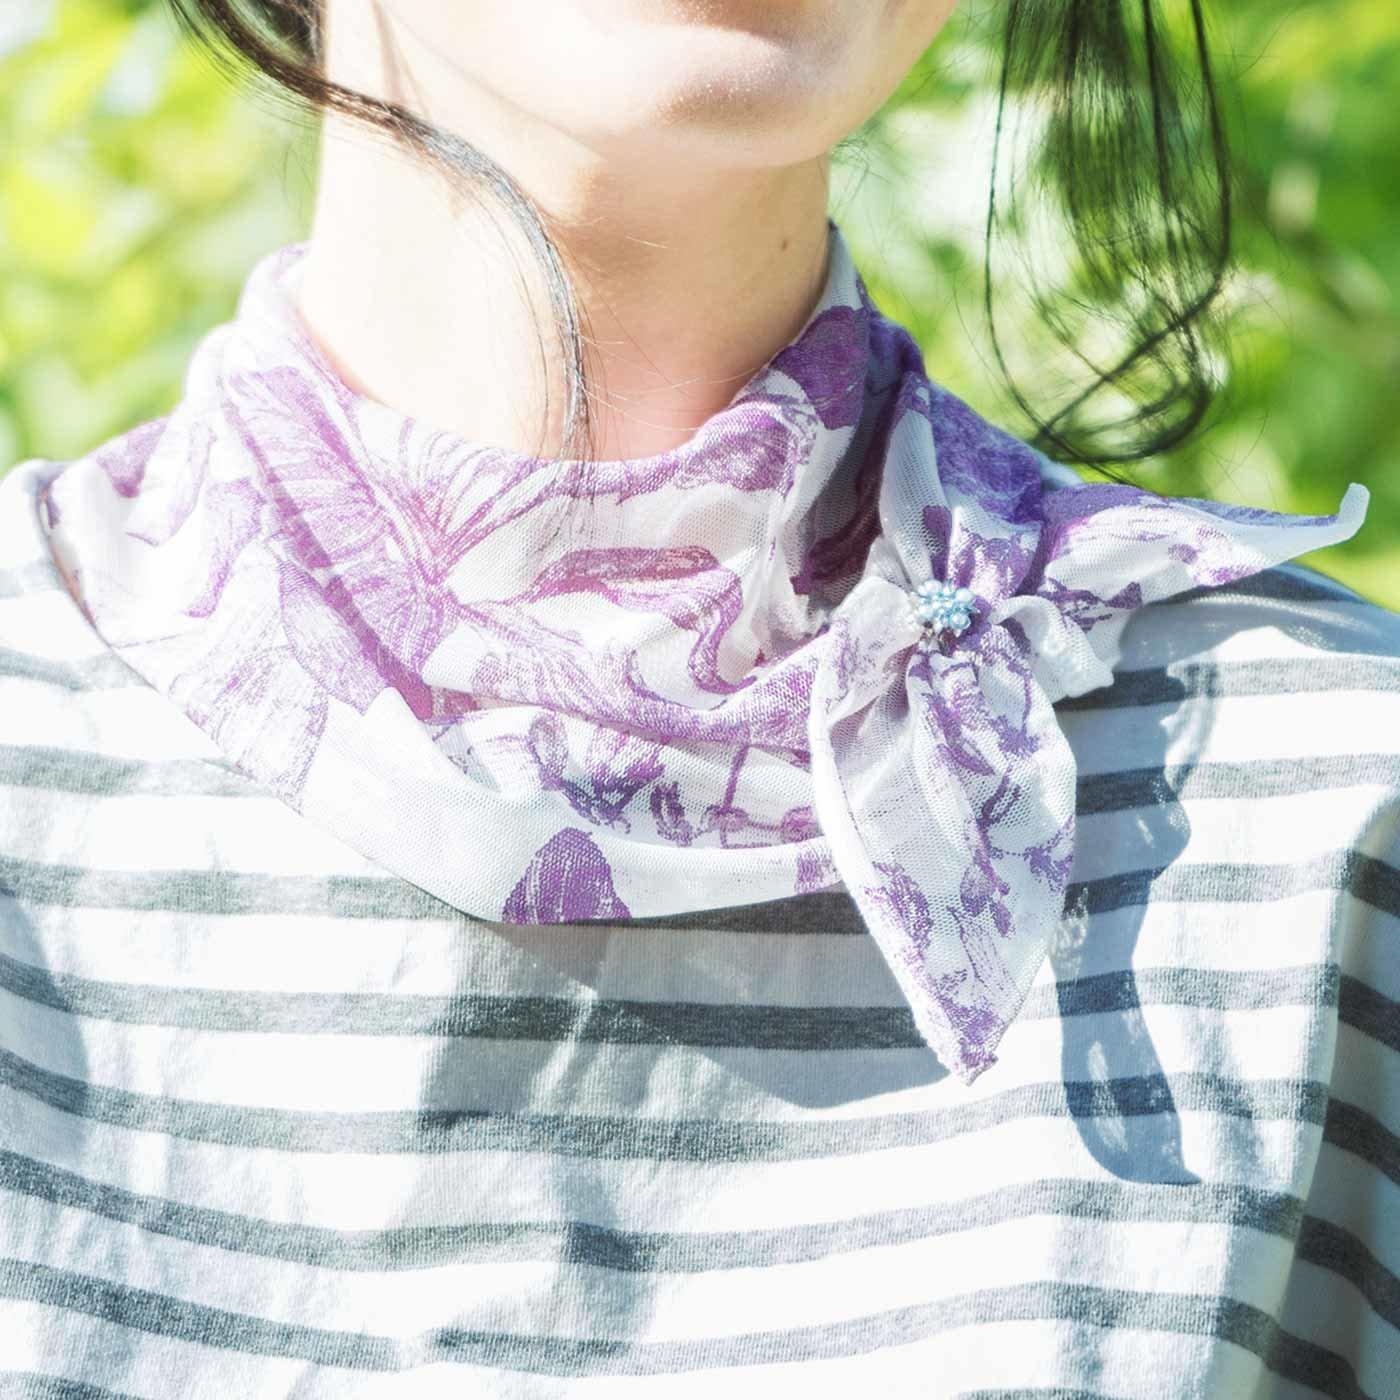 さりげなく首もとカバー ボタニカル柄のワンタッチスカーフの会